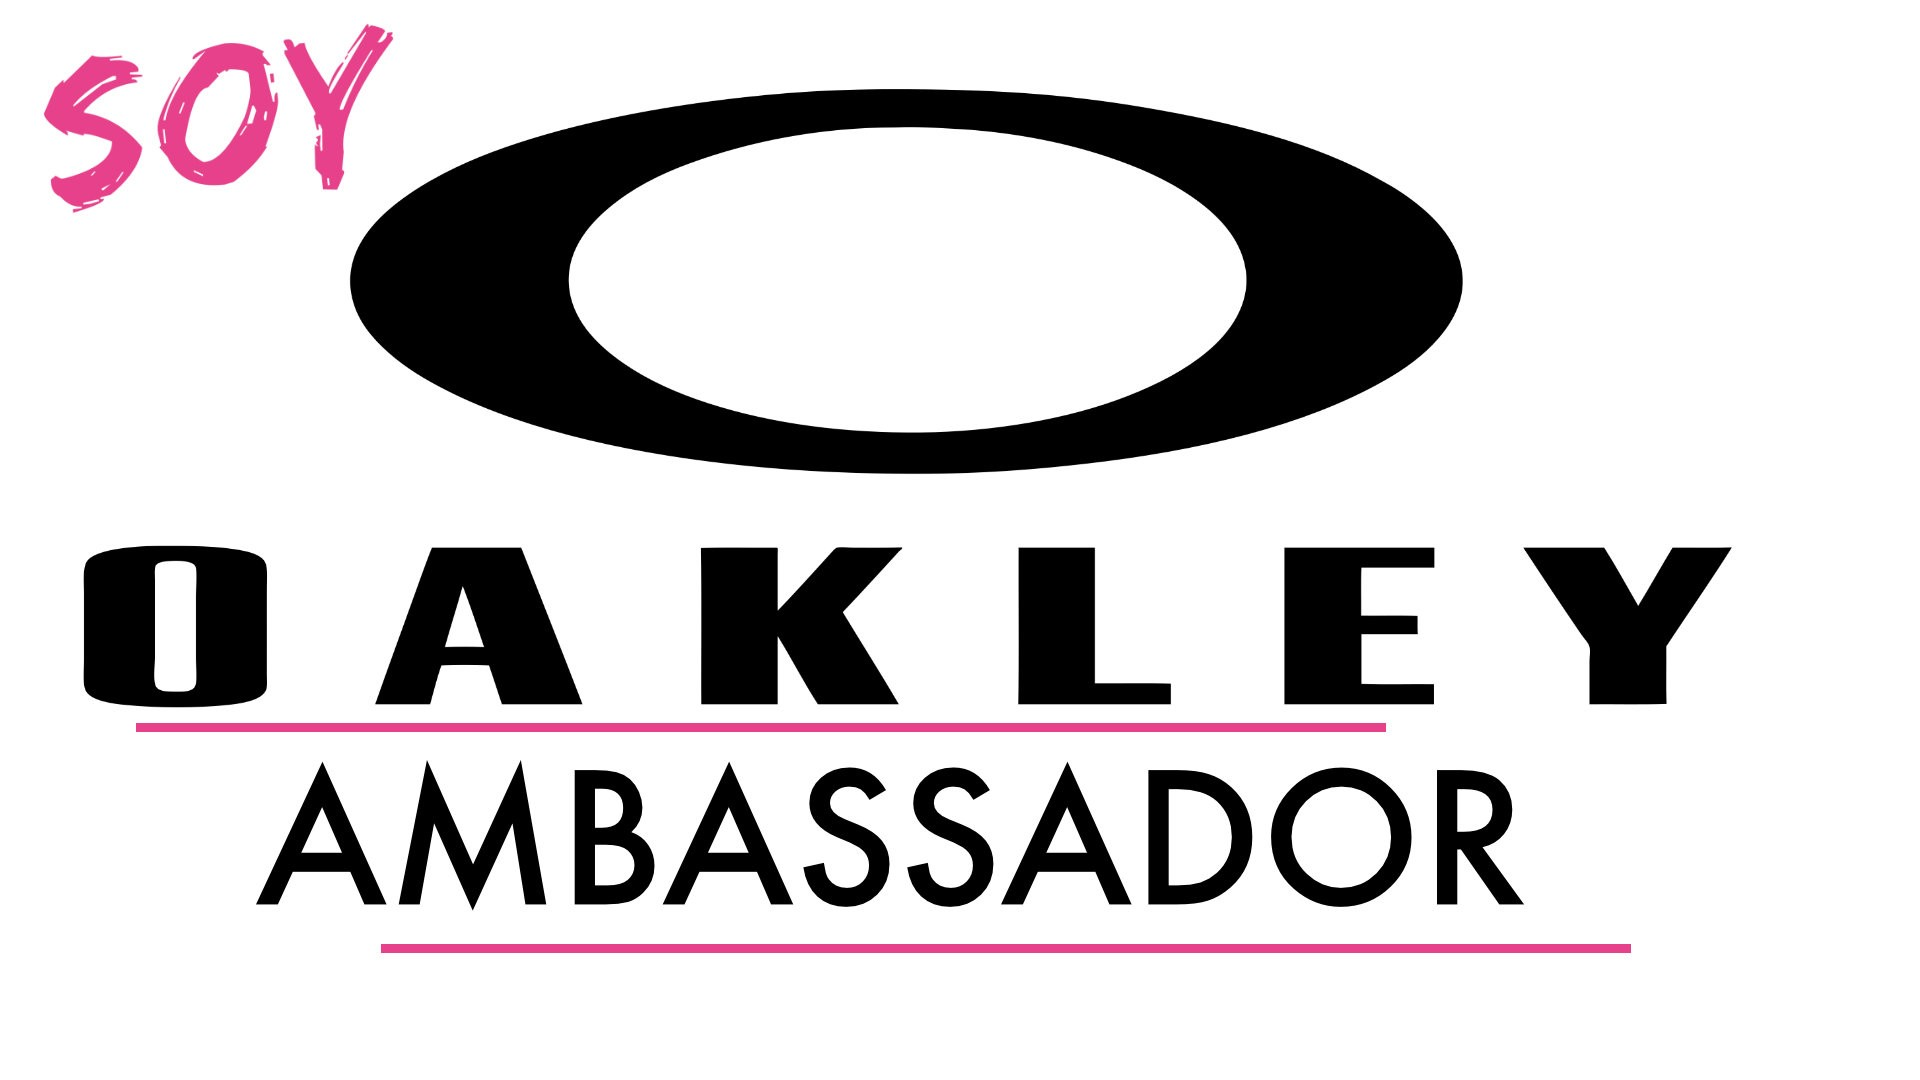 OAKLEY AMBASSADOR - Soy Oakley Ambassador